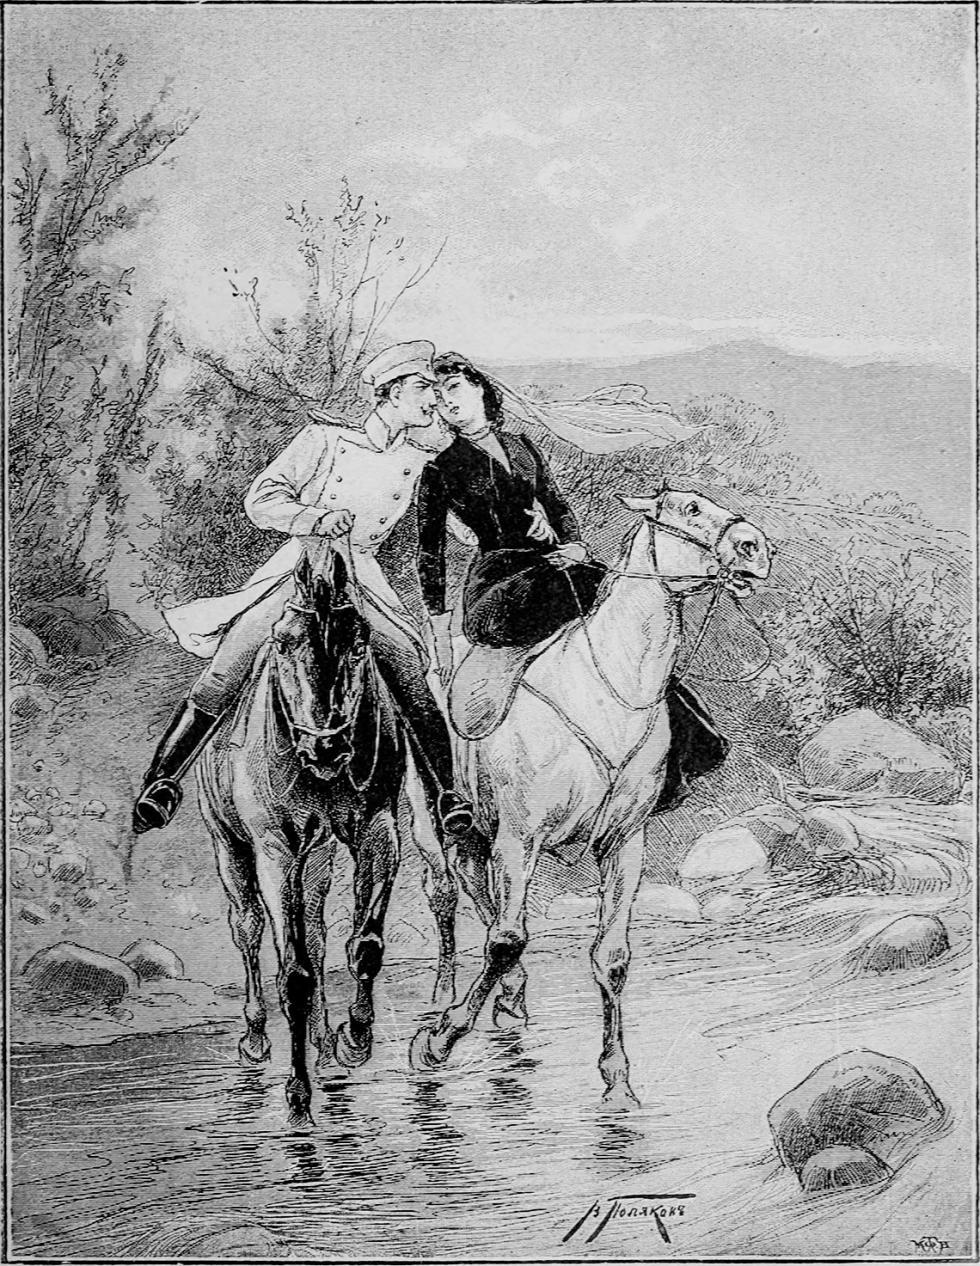 梅丽公爵小姐。V·波利亚科夫绘图。1900年。